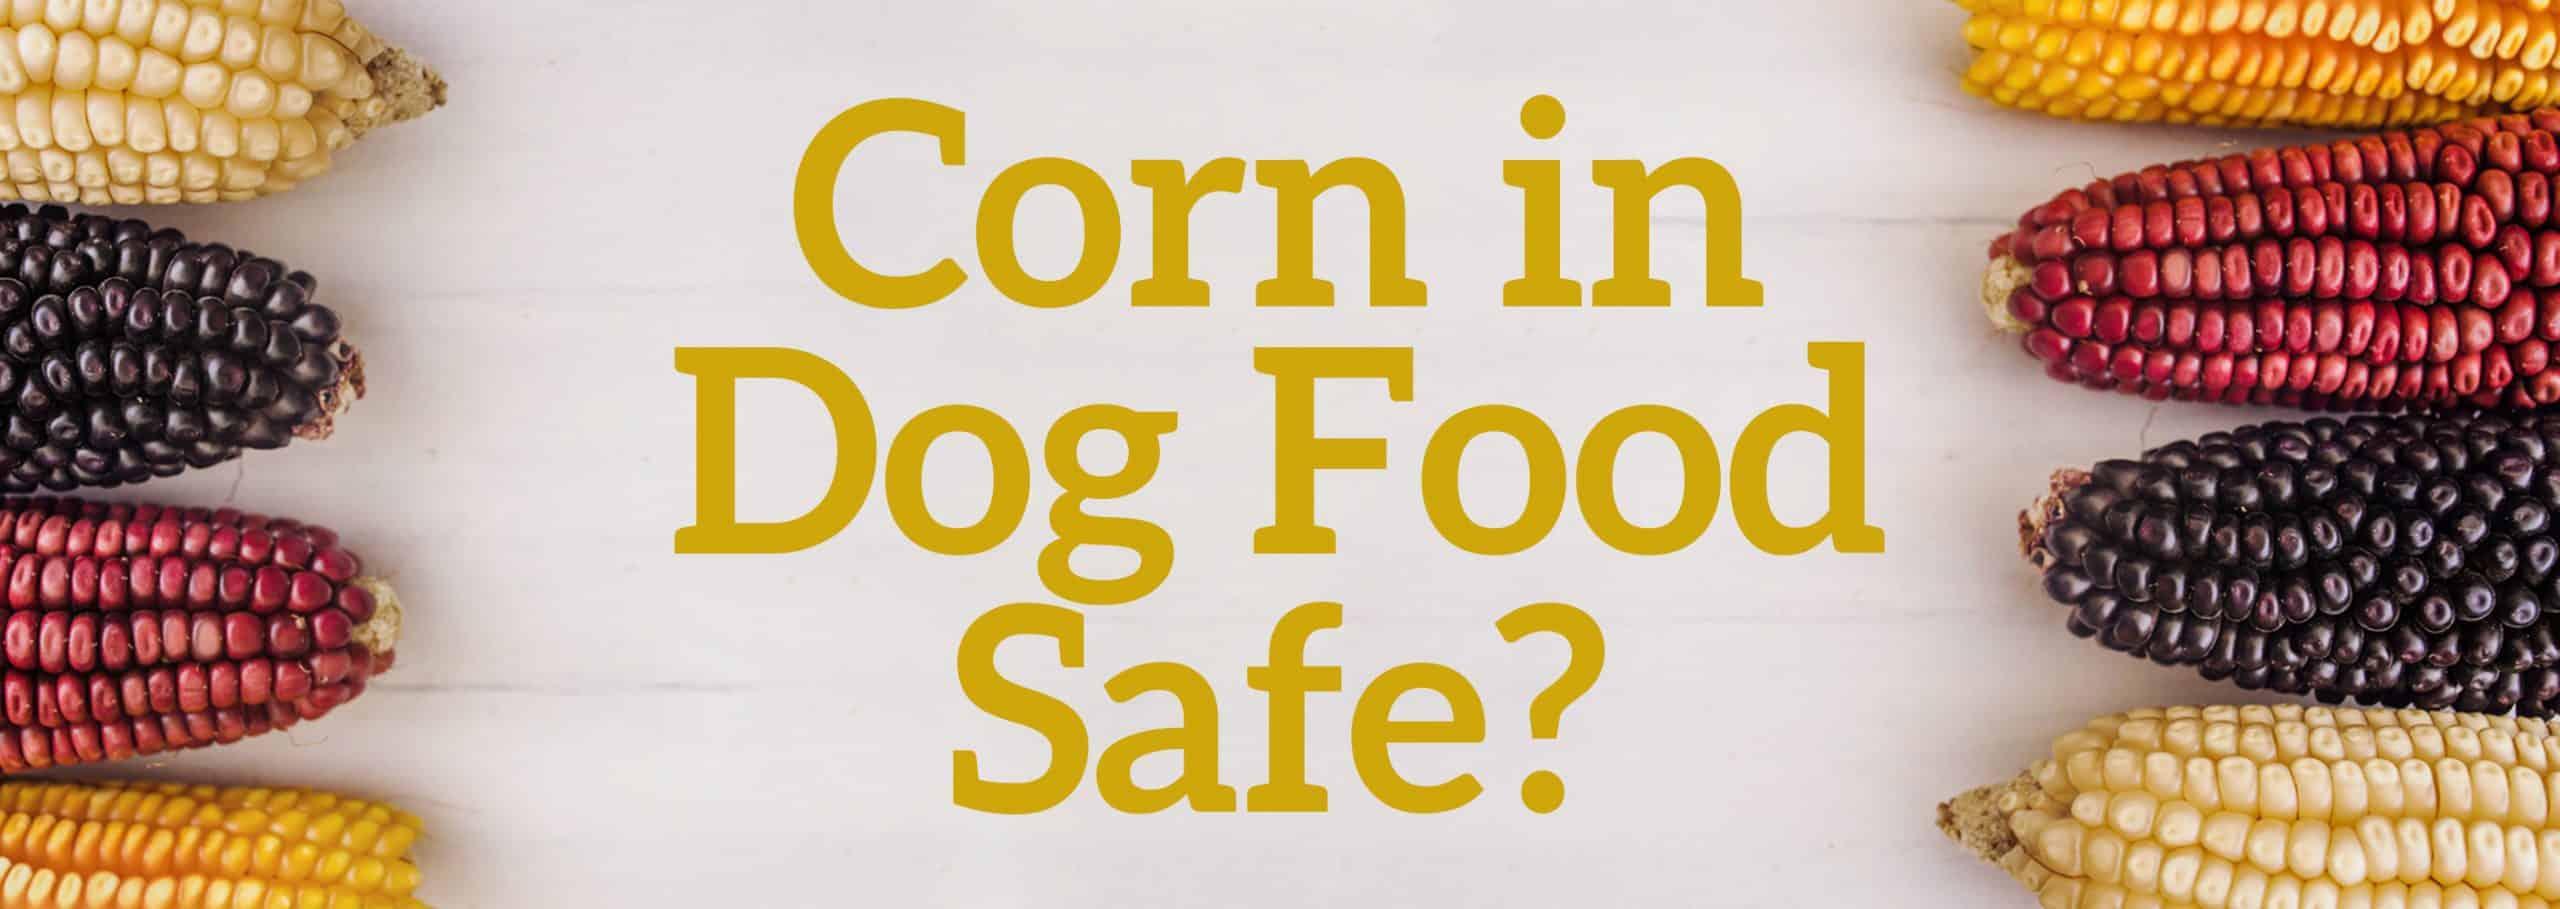 Corn in Dog Food Safe